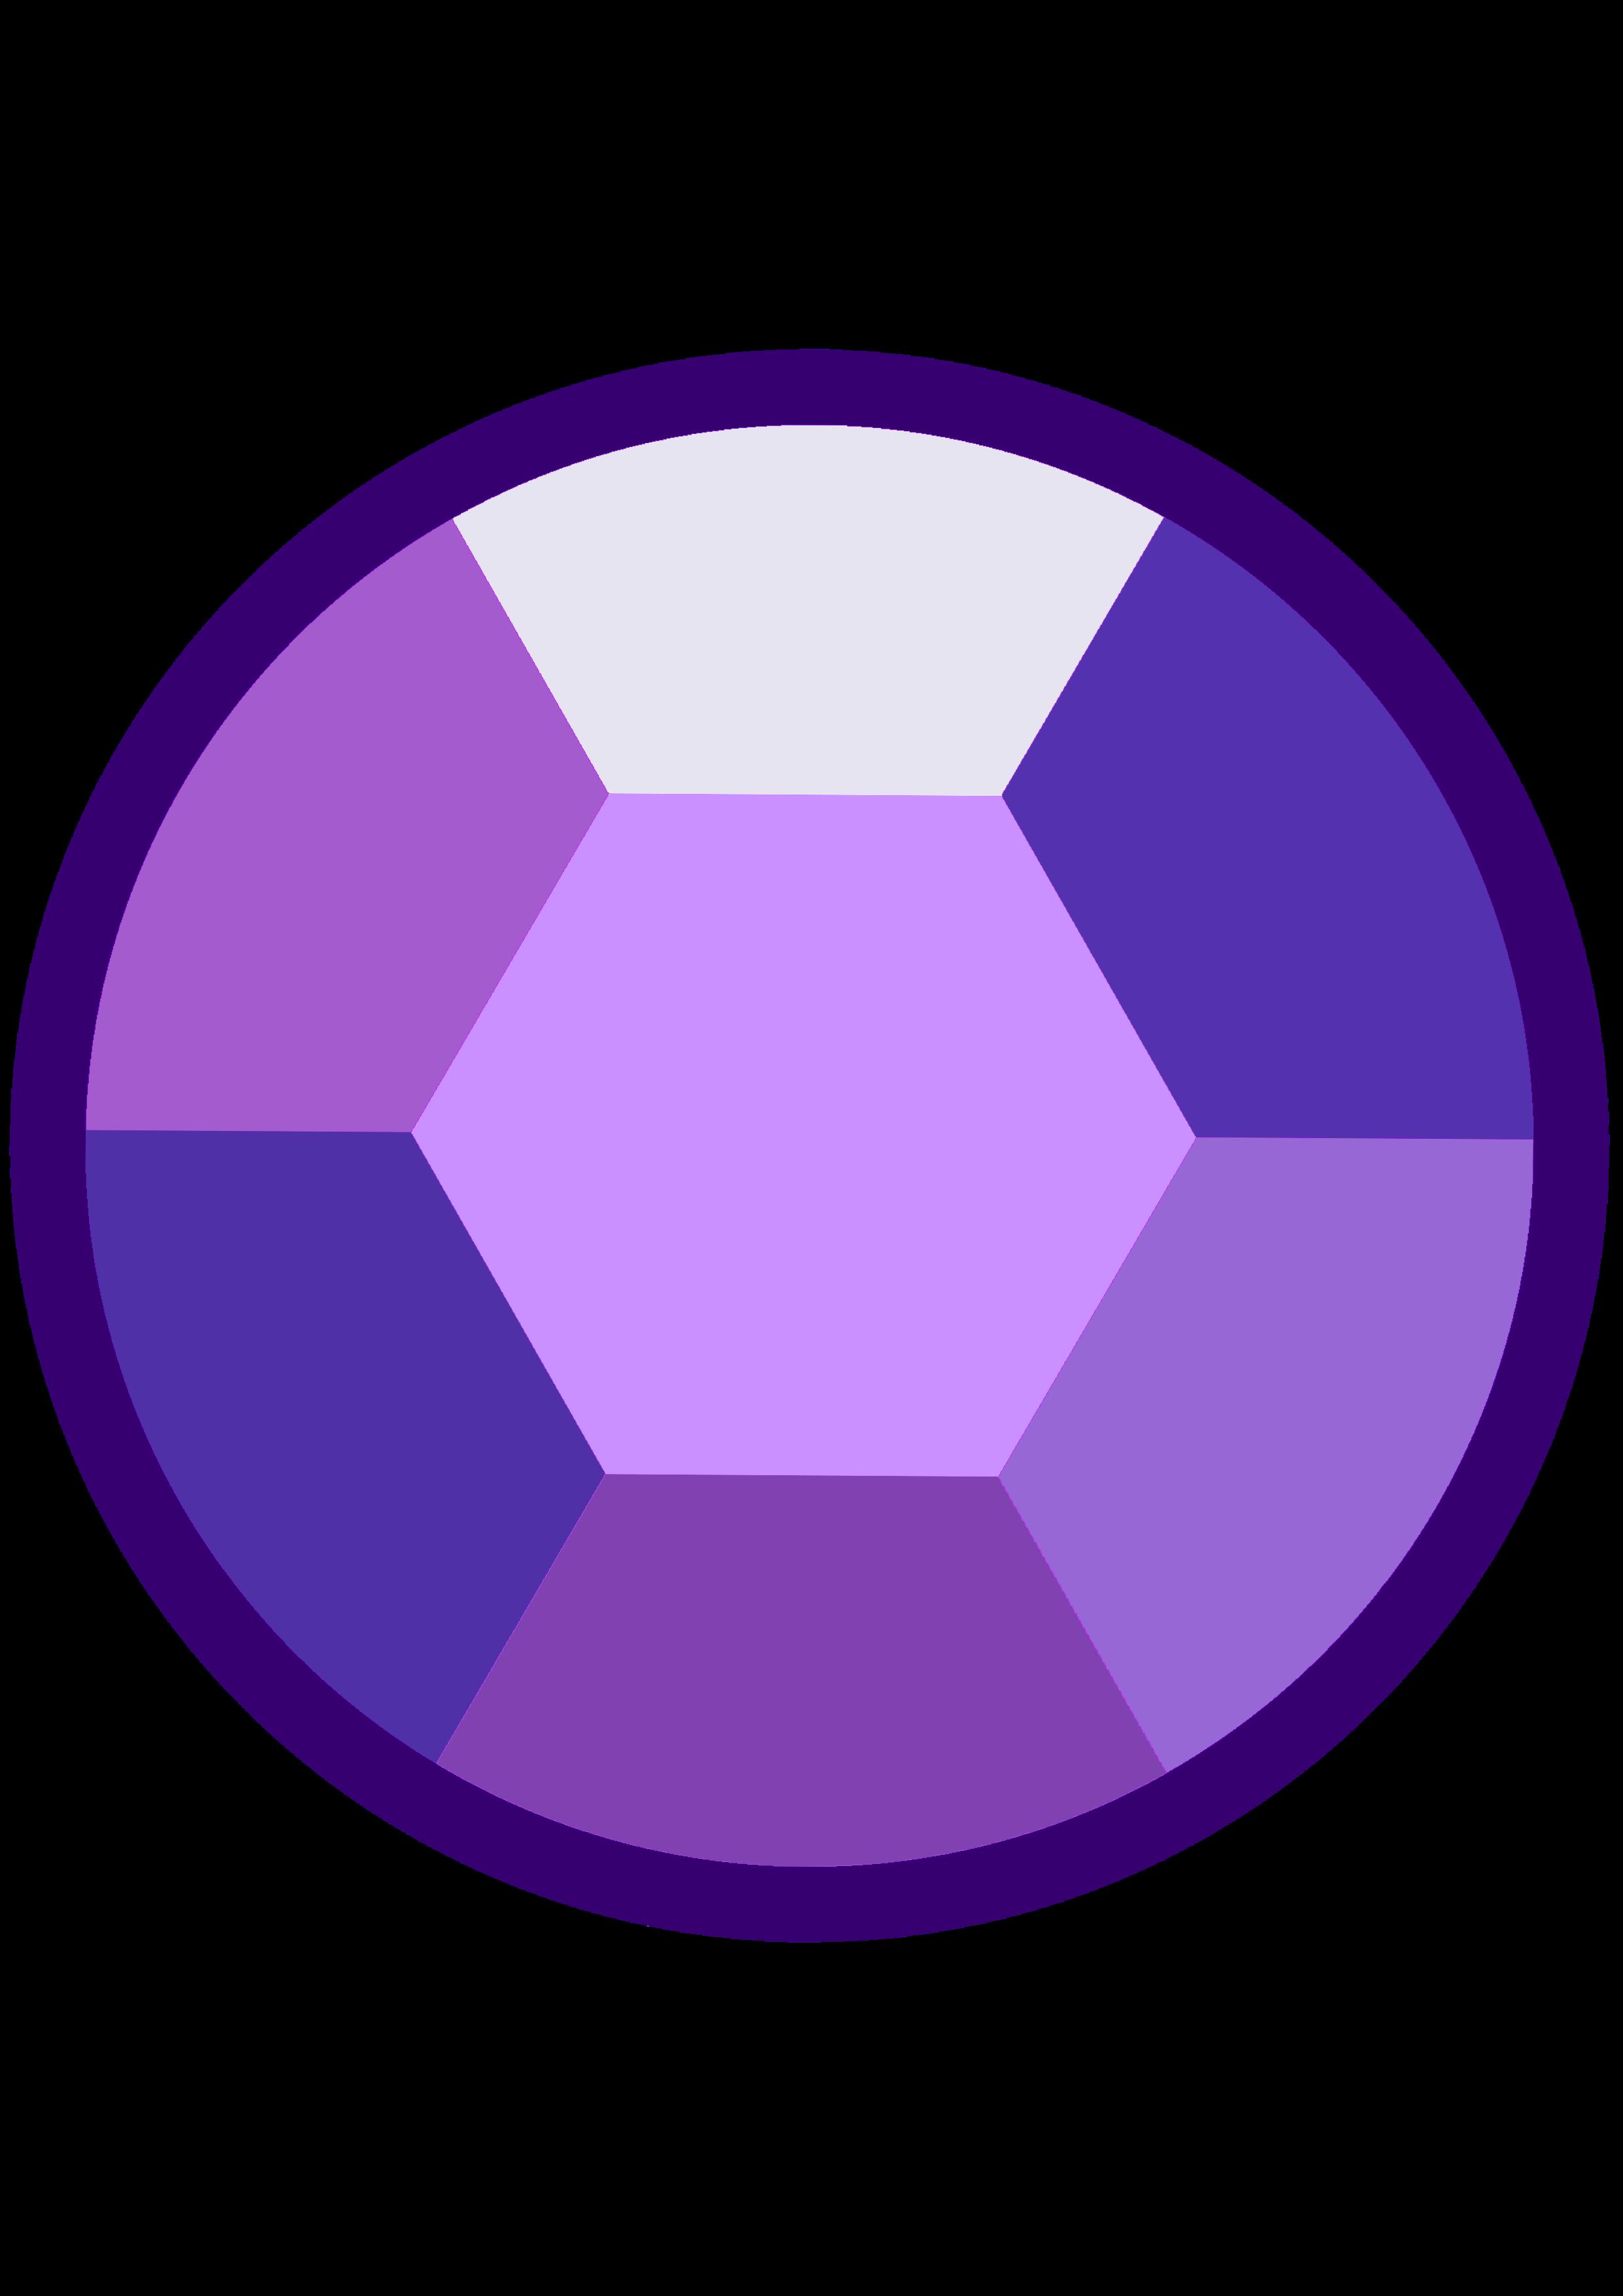 Gem clipart purple, Gem purple Transparent FREE for download.